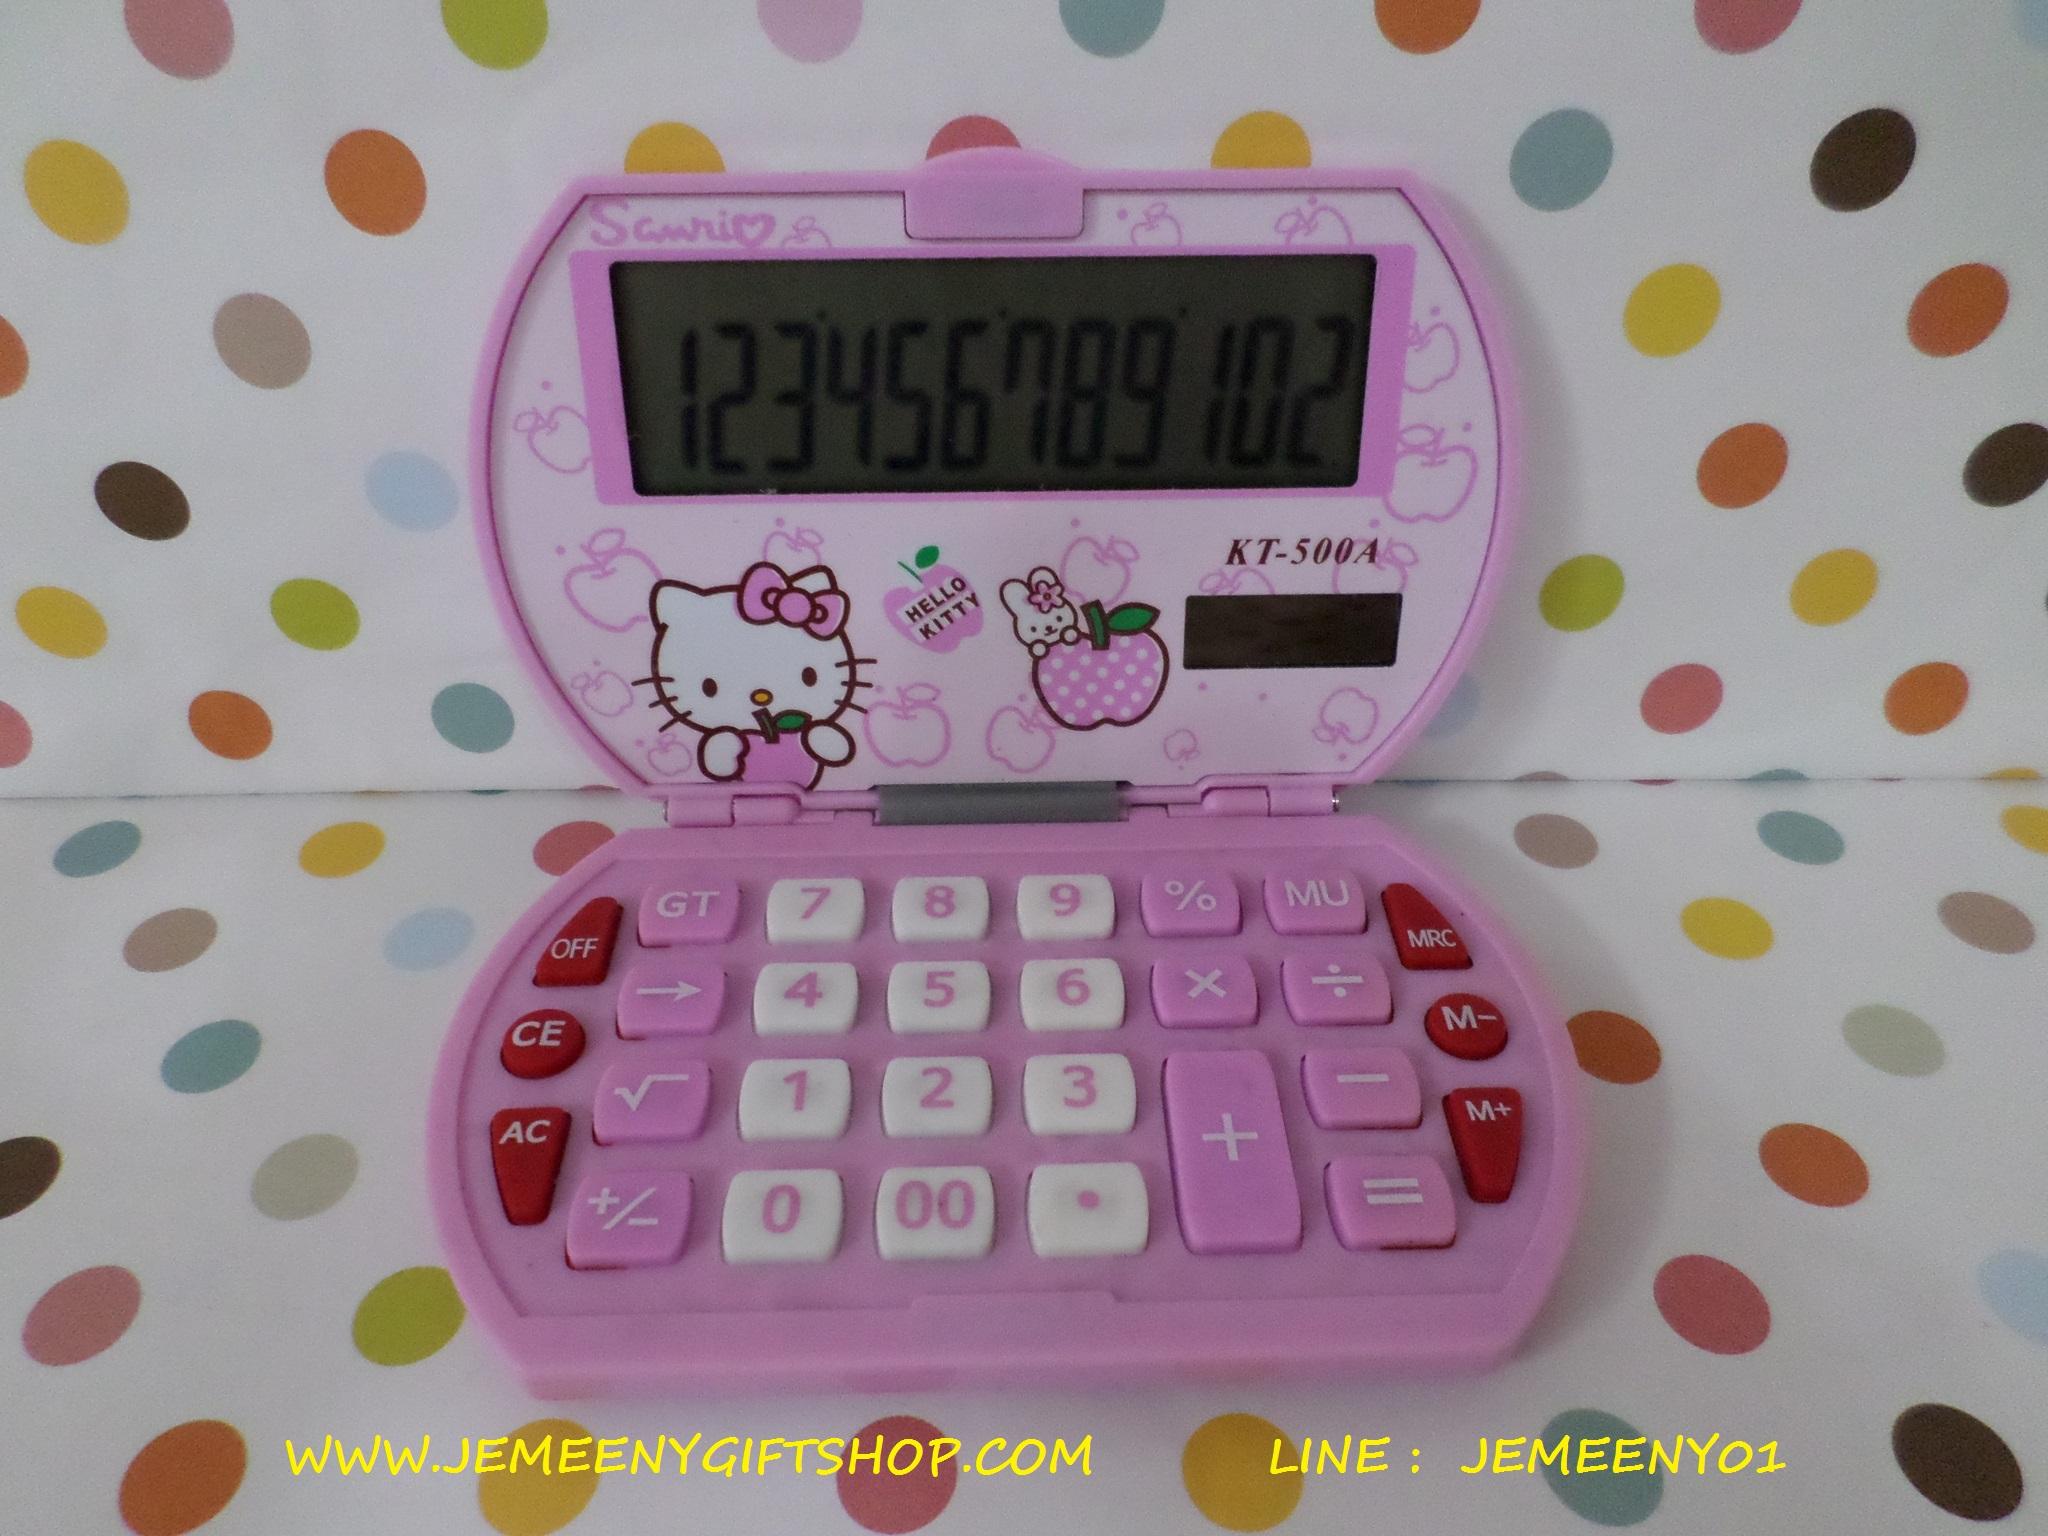 เครื่องคิดเลข ฮัลโหลคิตตี้ Hello kitty ขนาด 11*7 ซม. สีชมพู